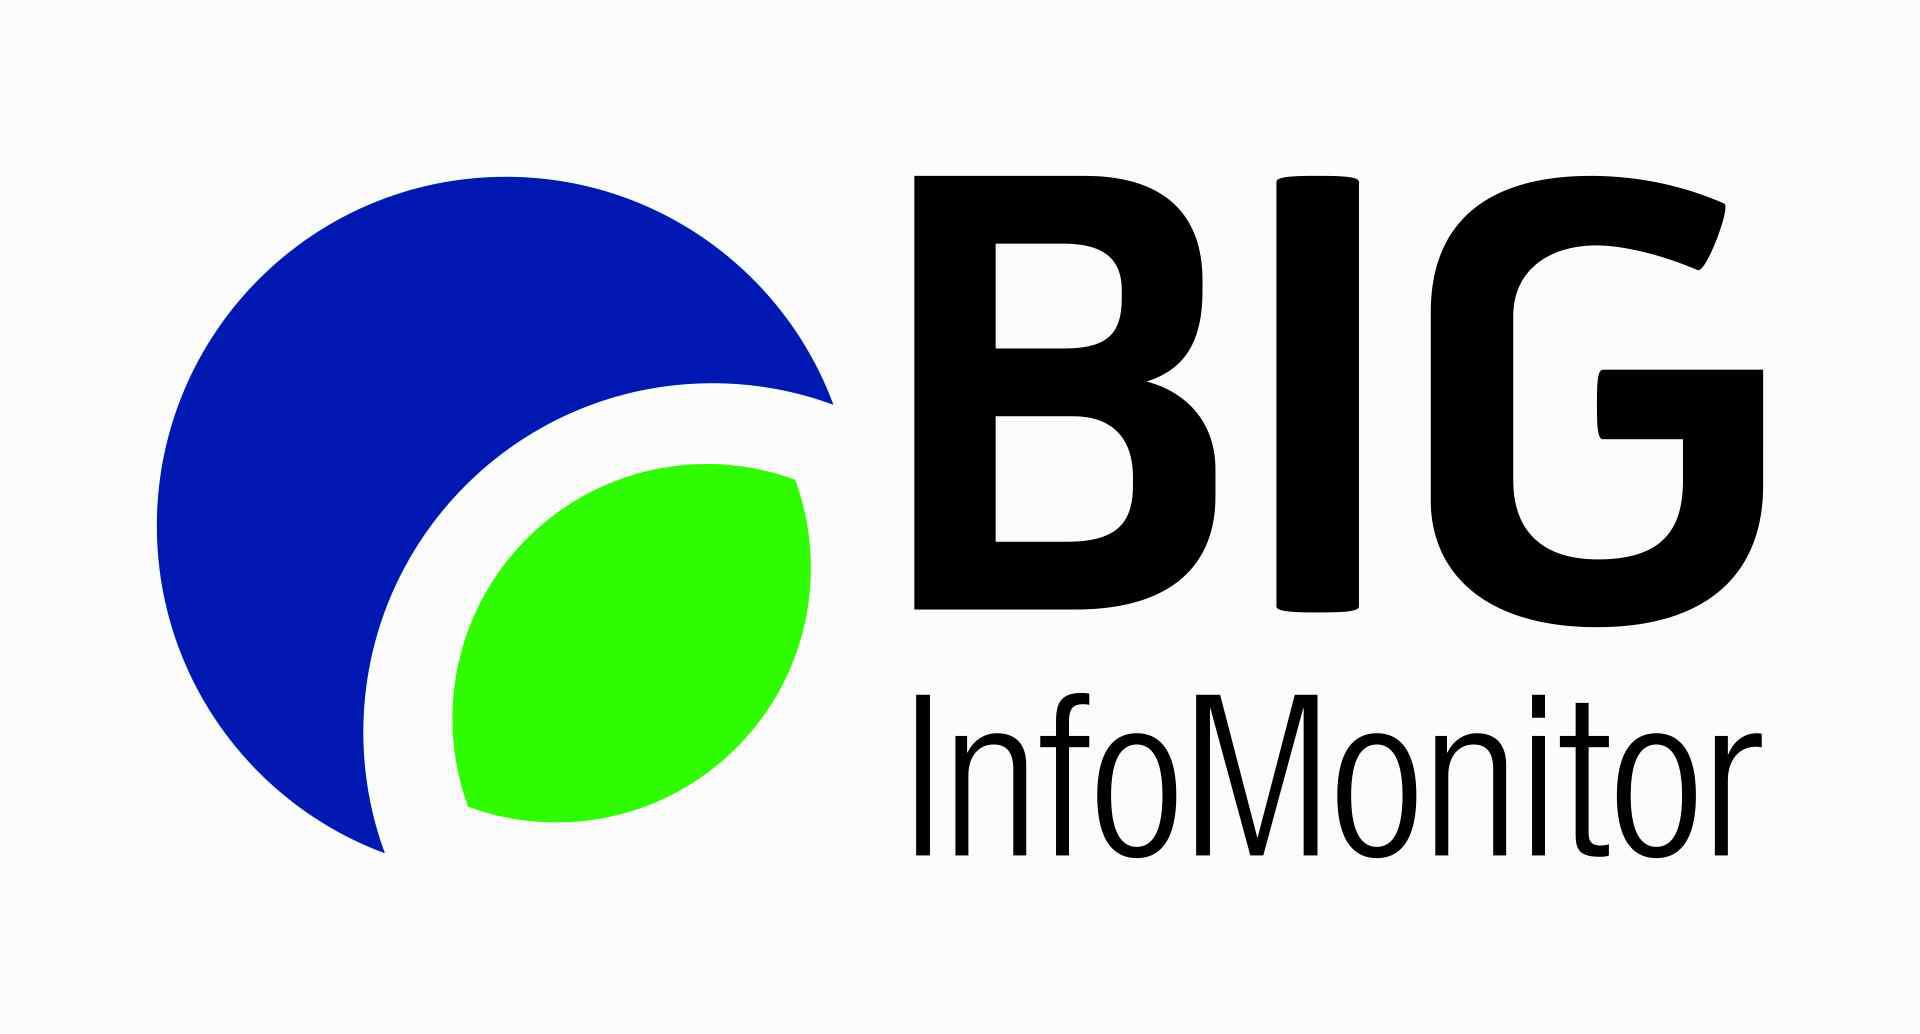 Biuro Informacji Kredytowej Logo photo - 1